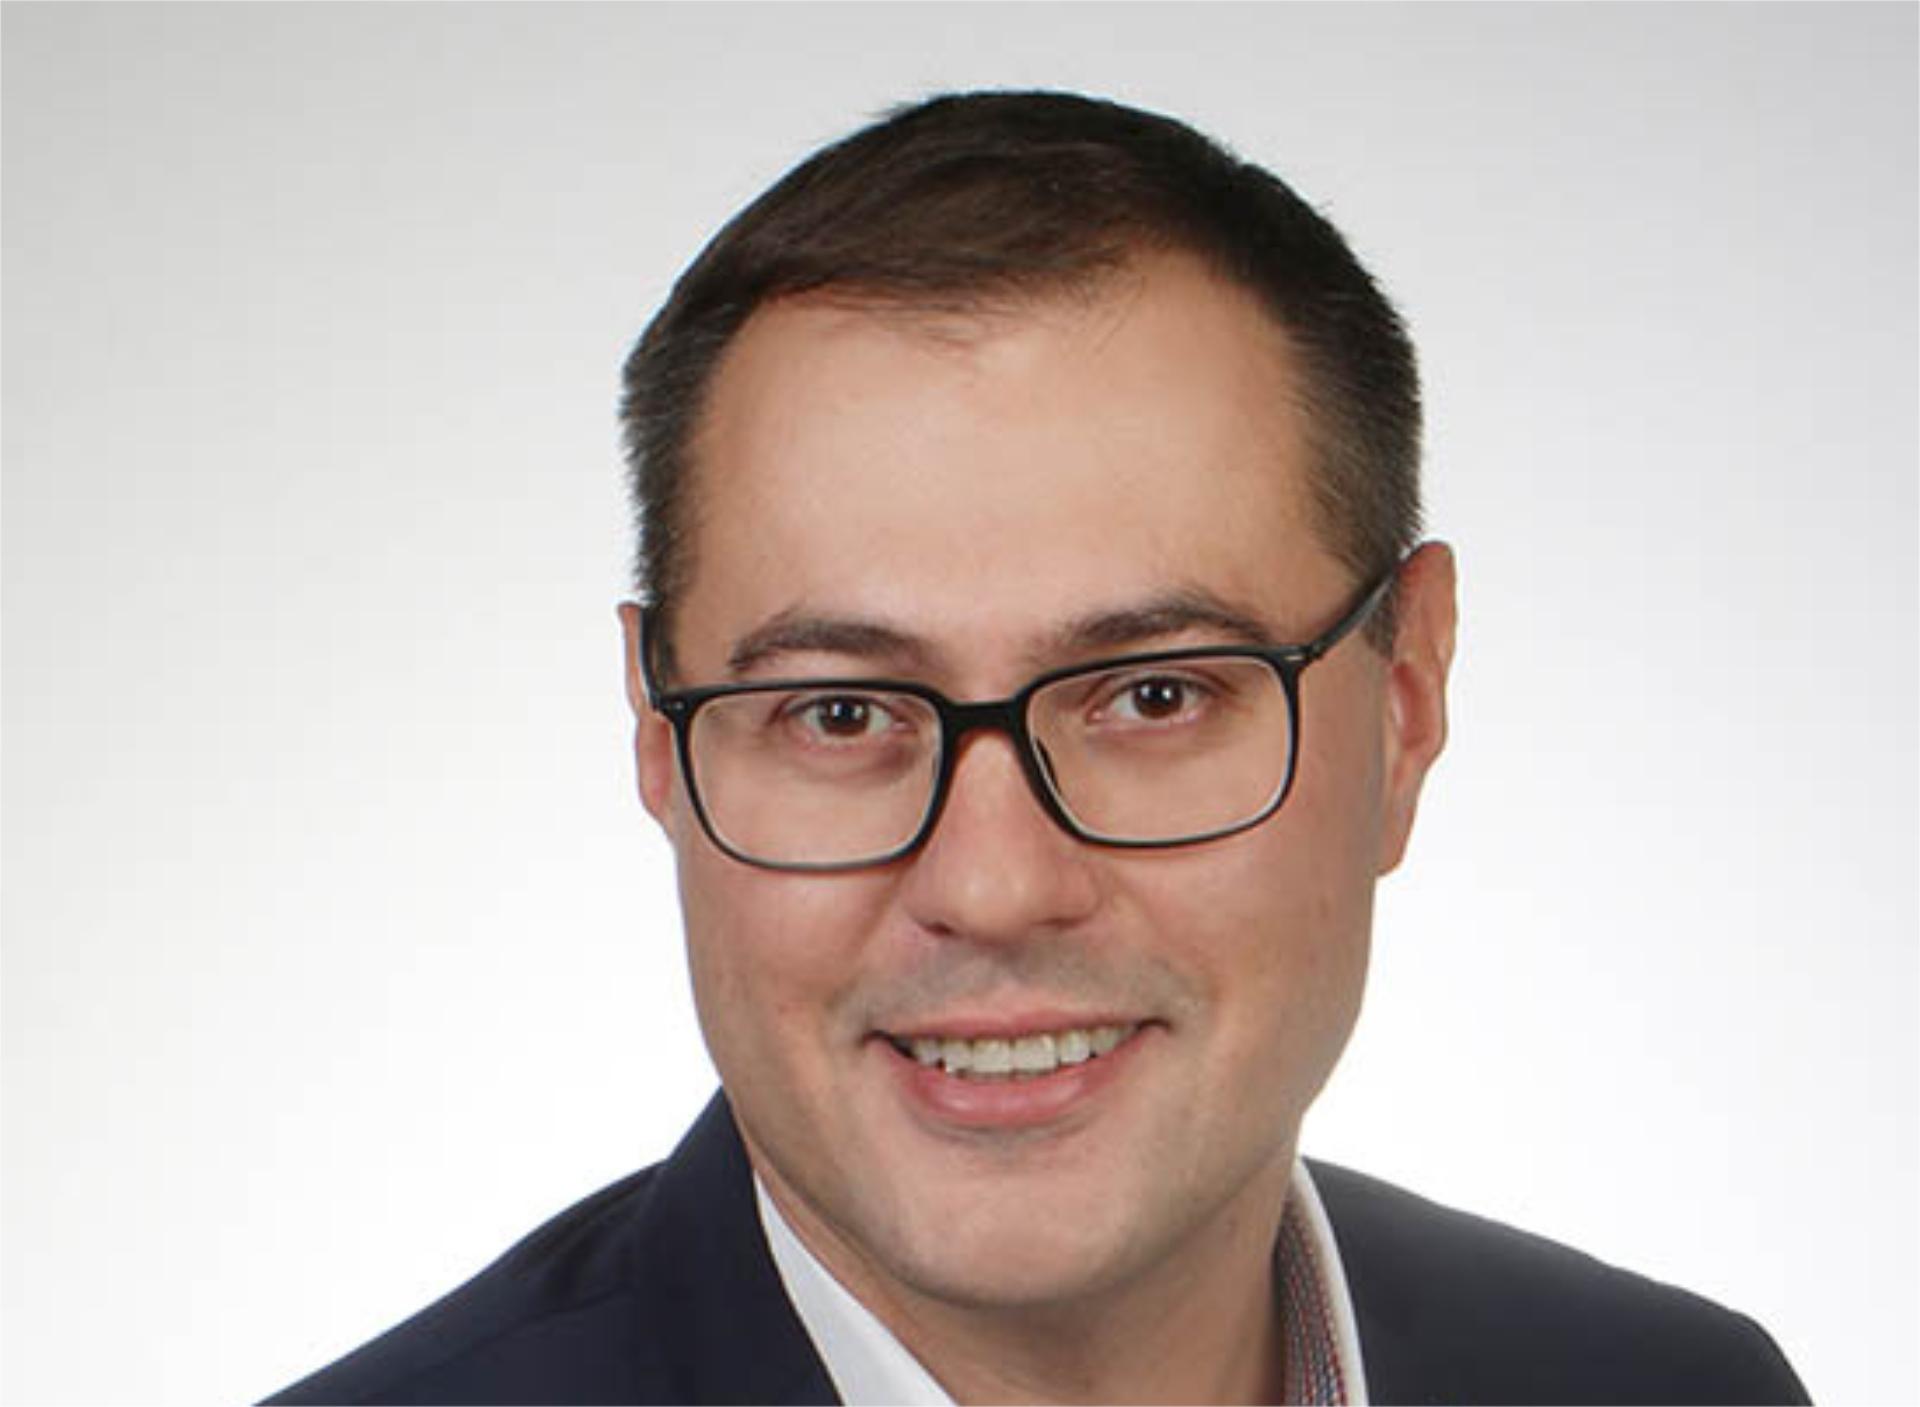 Zu sehen ist Konrad Guldon. Bild: Polnisches Fremdenverkehrsamt